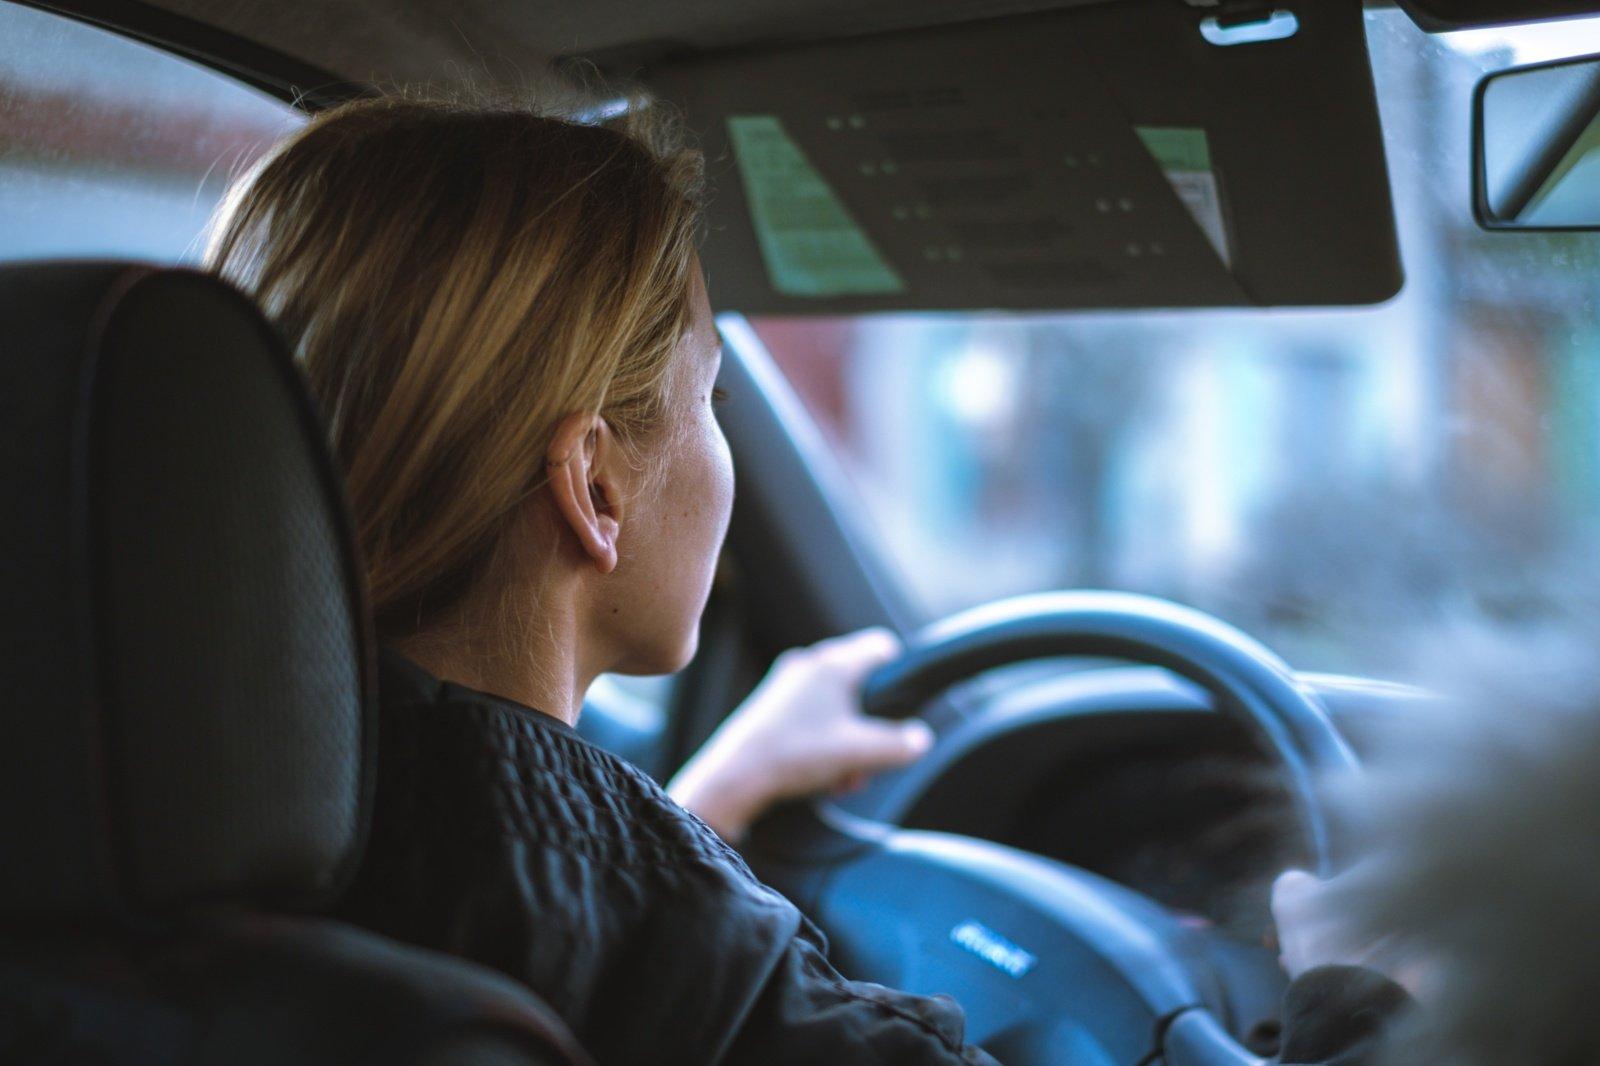 Keisčiausi vairavimo įstatymai pasaulyje: nuo juokingų iki absurdiškų